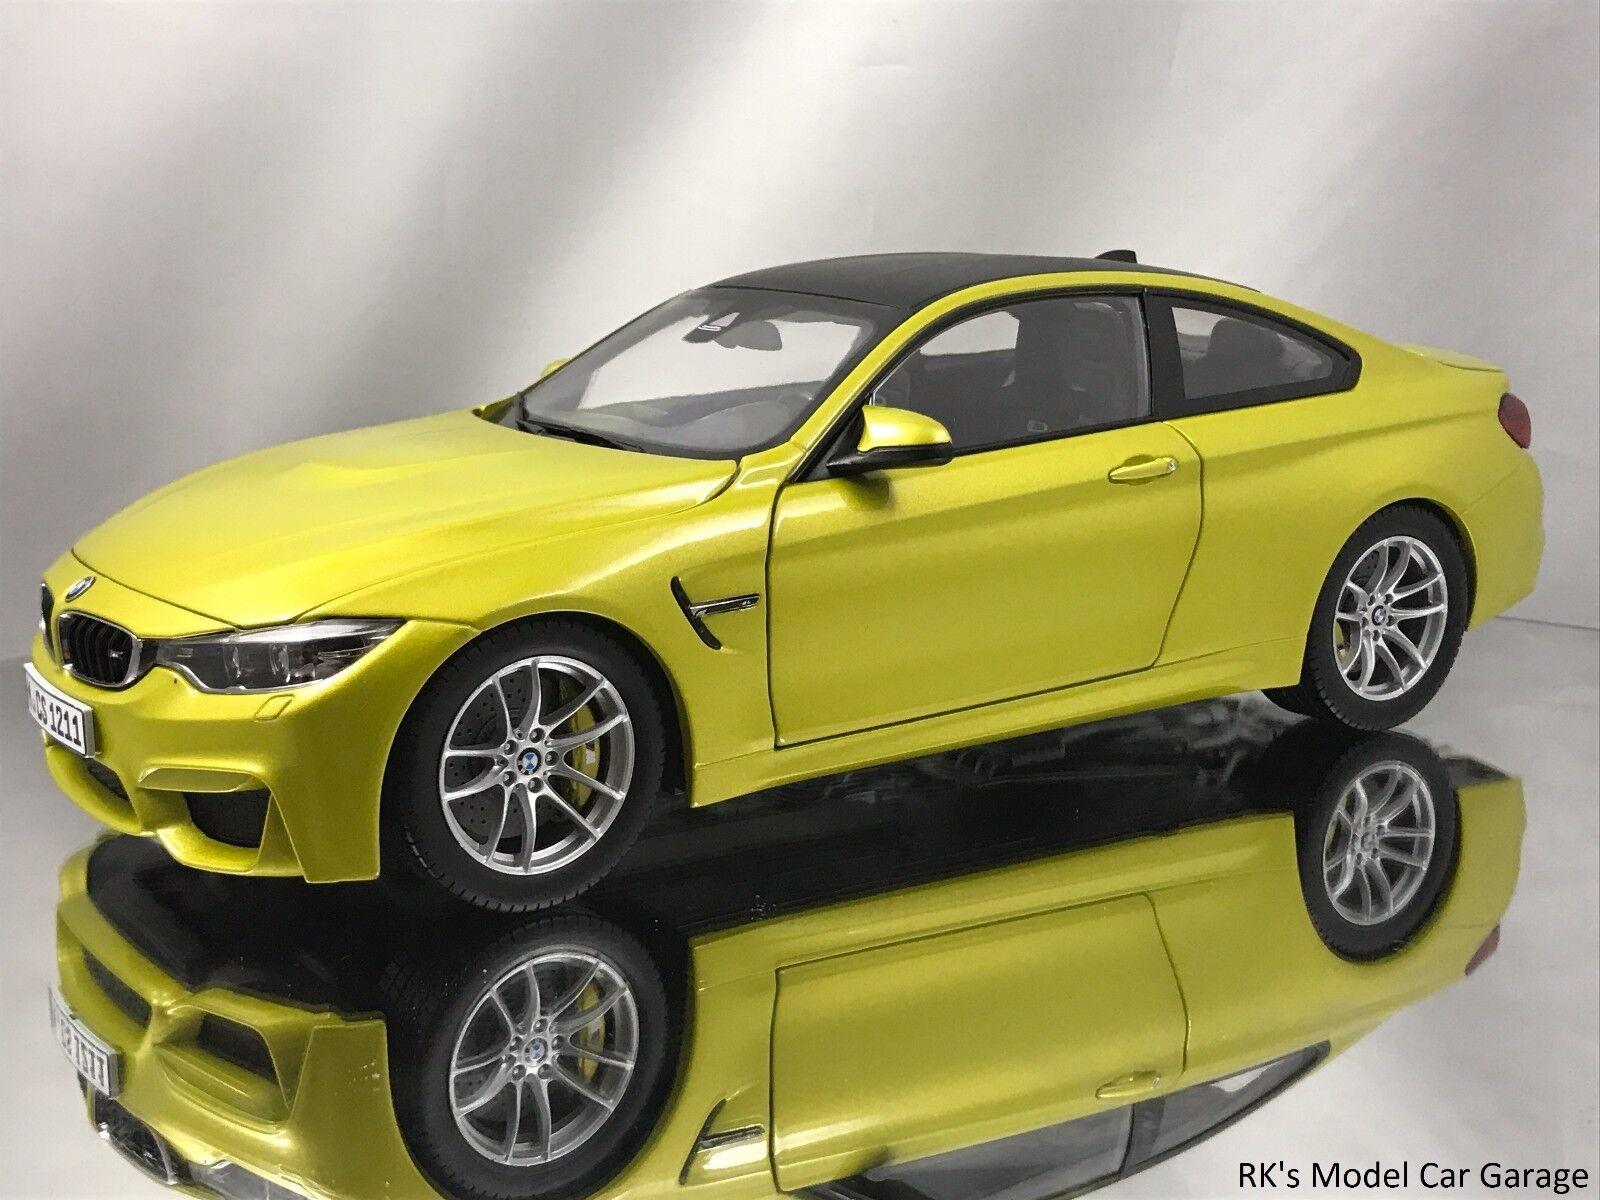 Paragon bmw m4 coupé (f82) austin gelb ein diecast modell auto 1,18